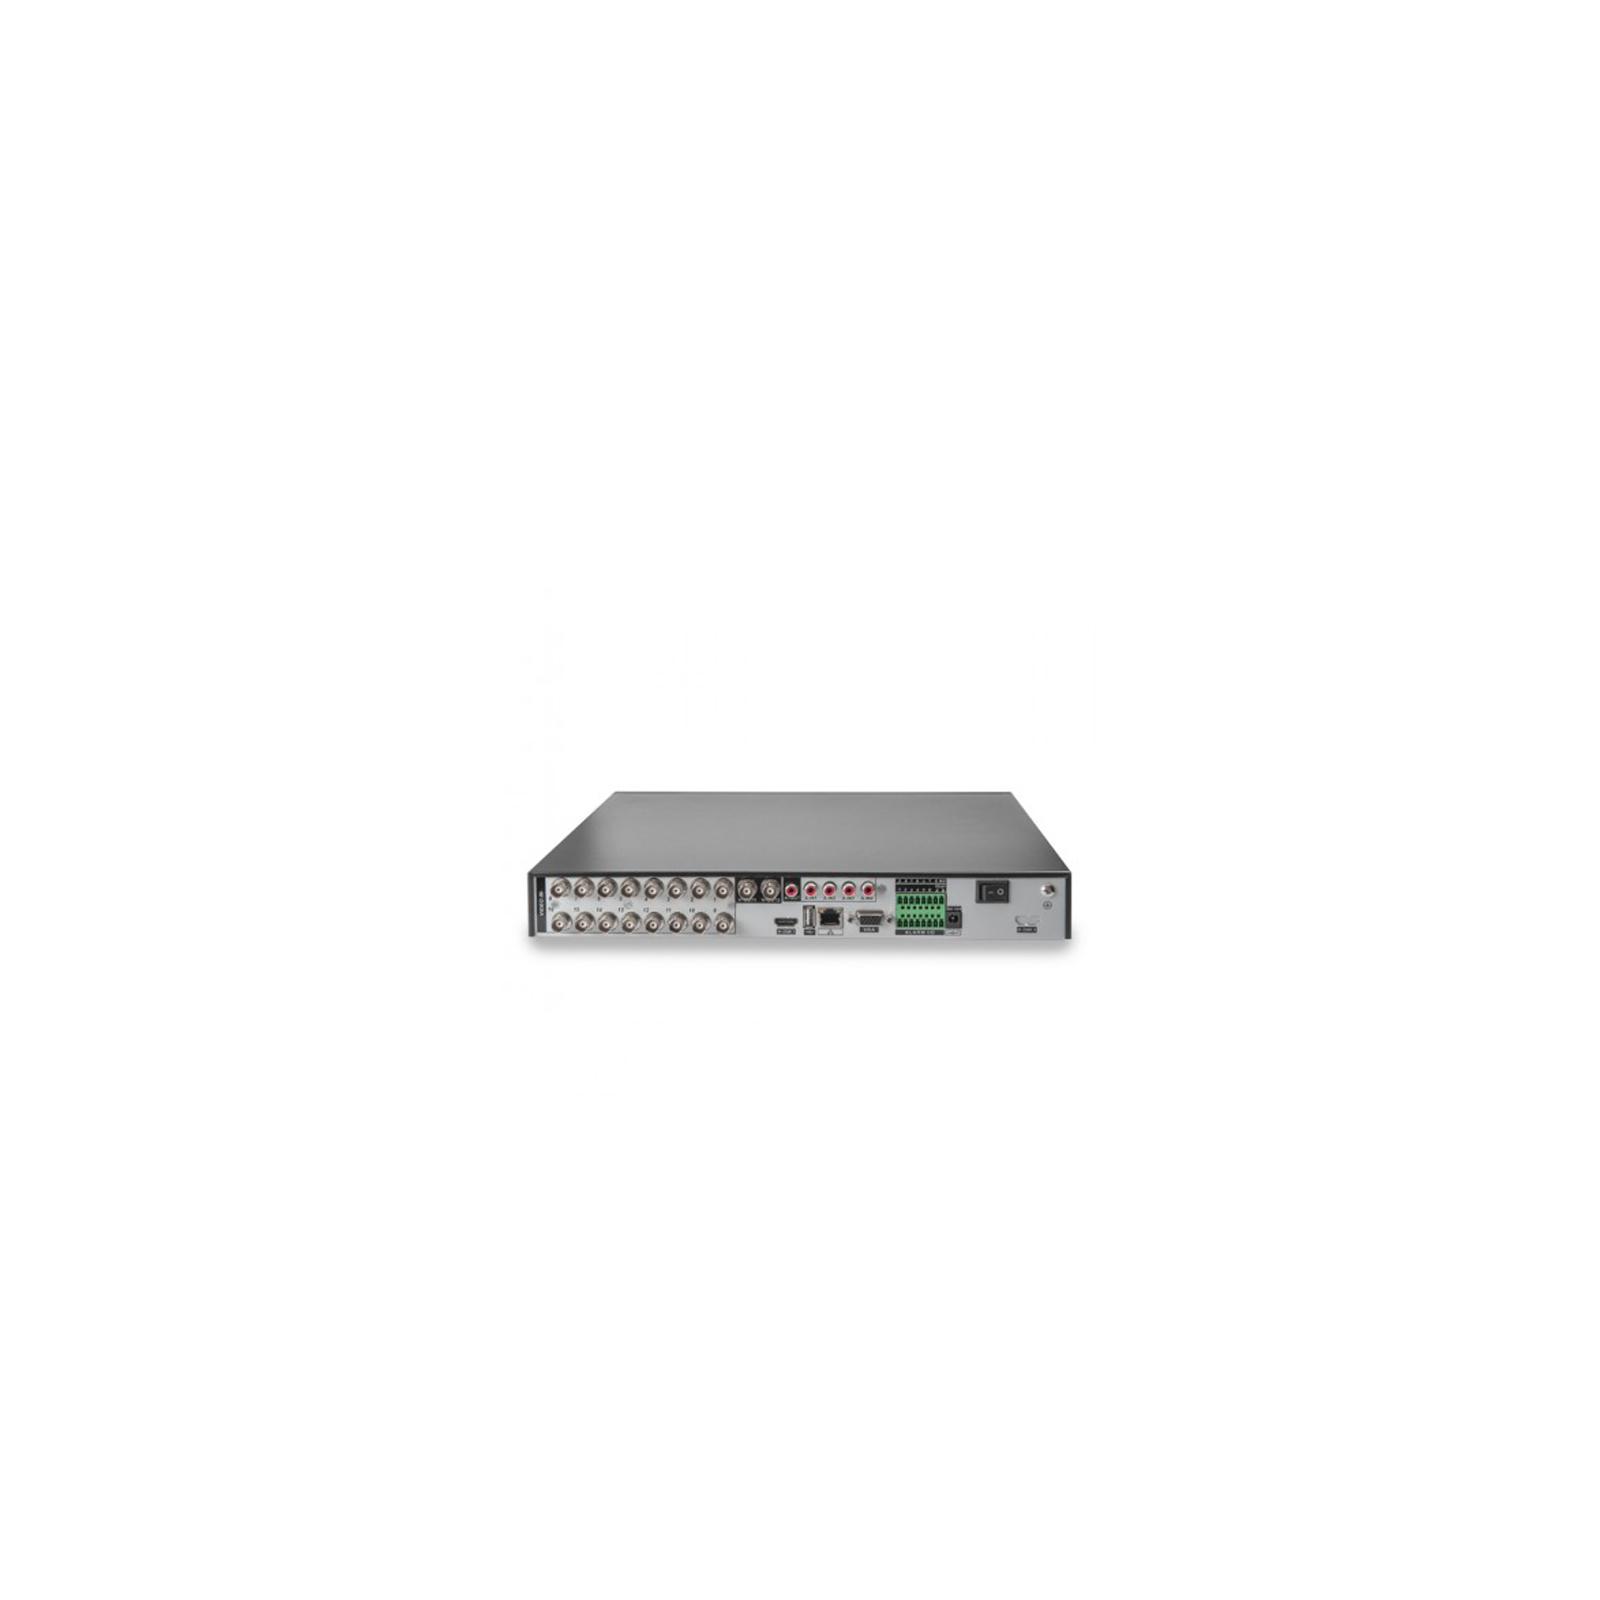 Регистратор для видеонаблюдения Tecsar HDVR L164-2FHD2P-H (6702) изображение 3